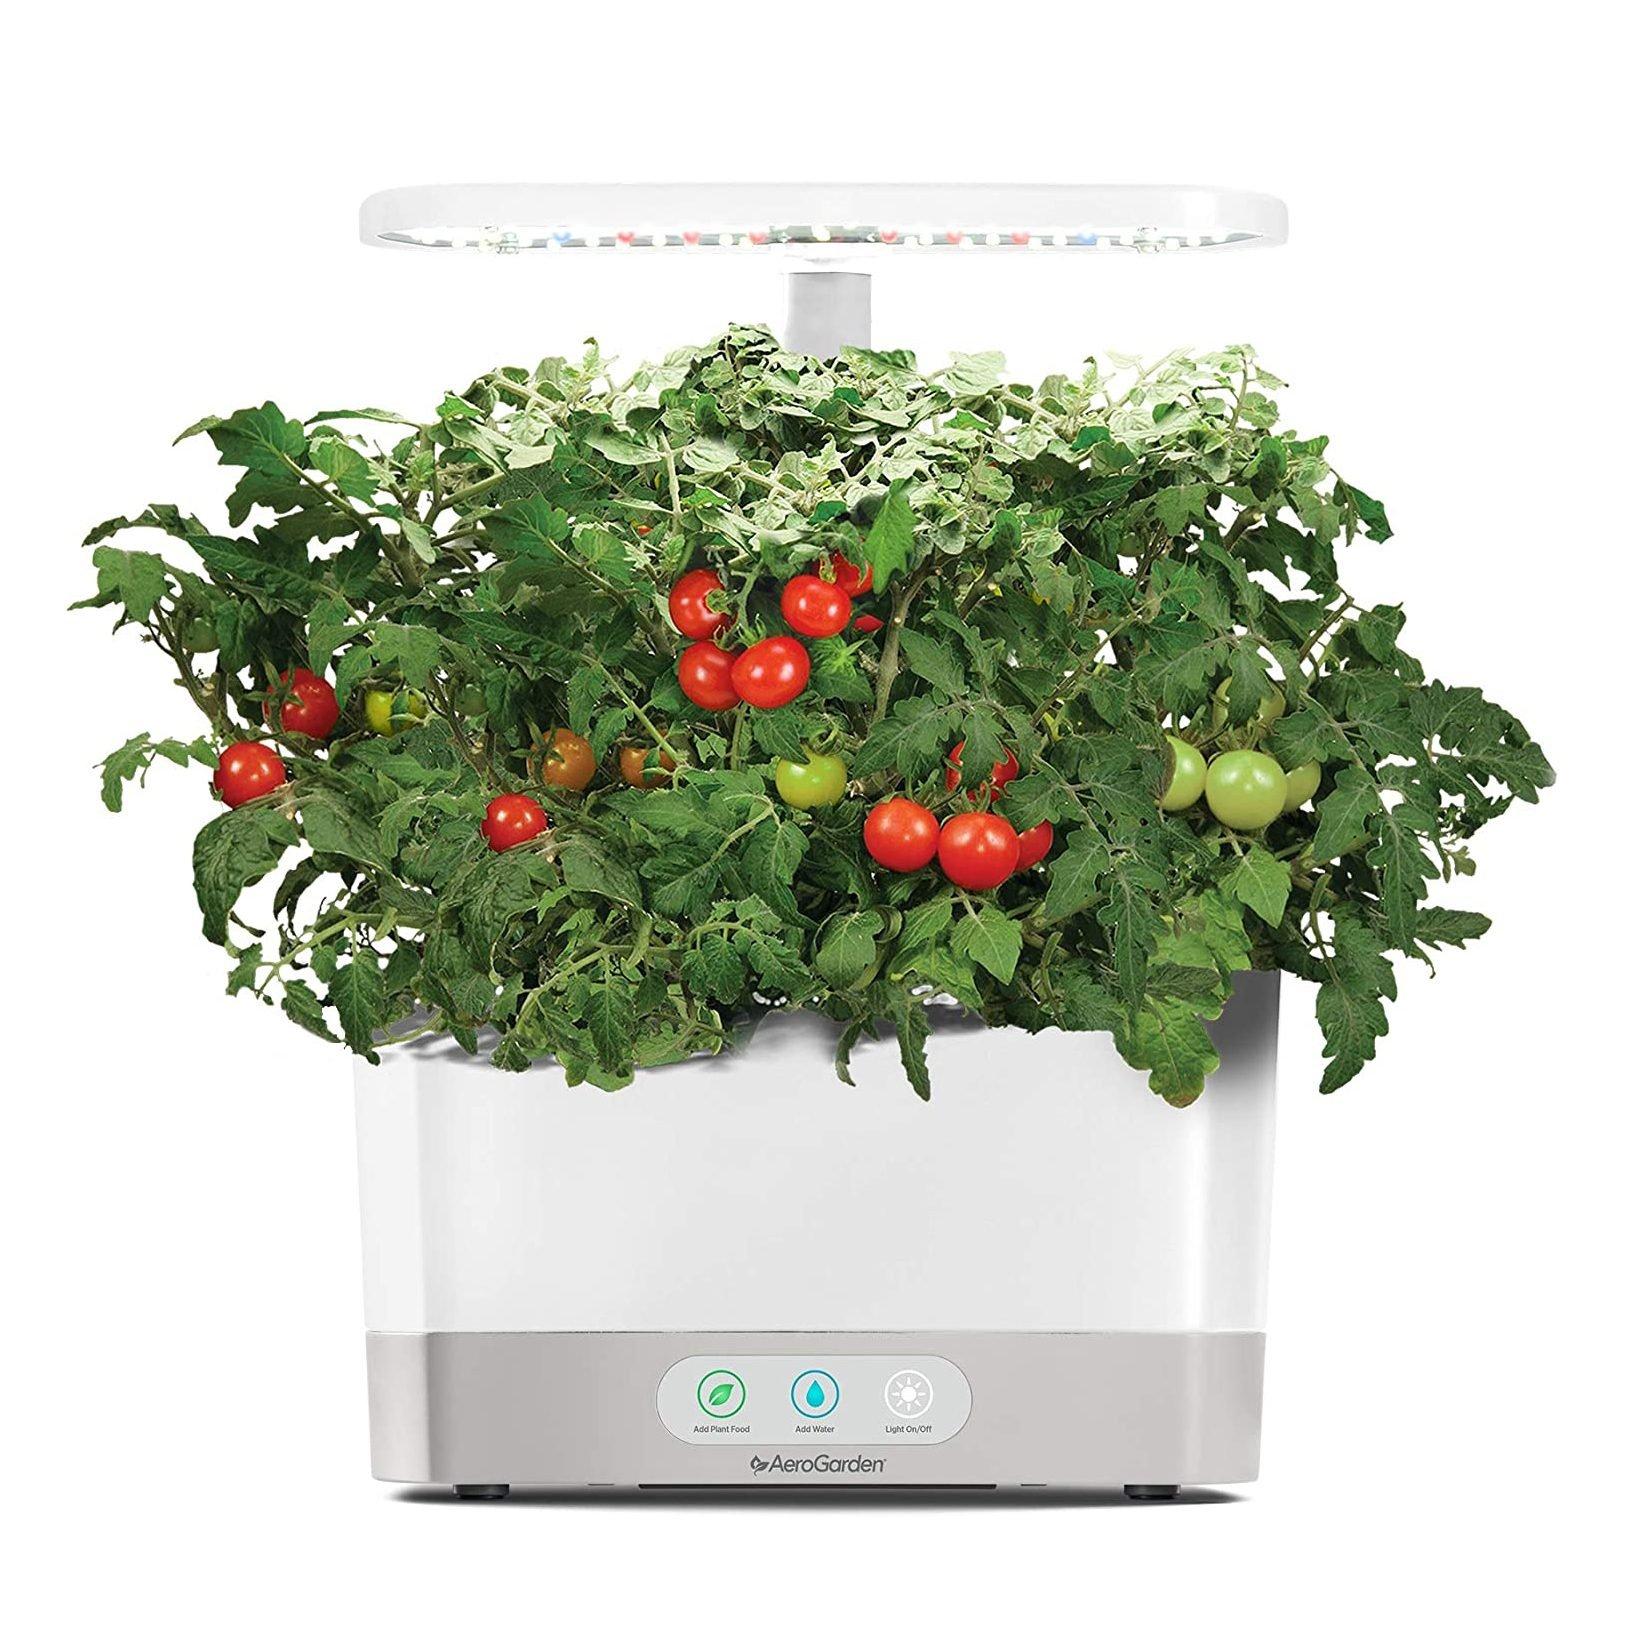 Harvest Indoor Hydroponic Garden from AeroGarden